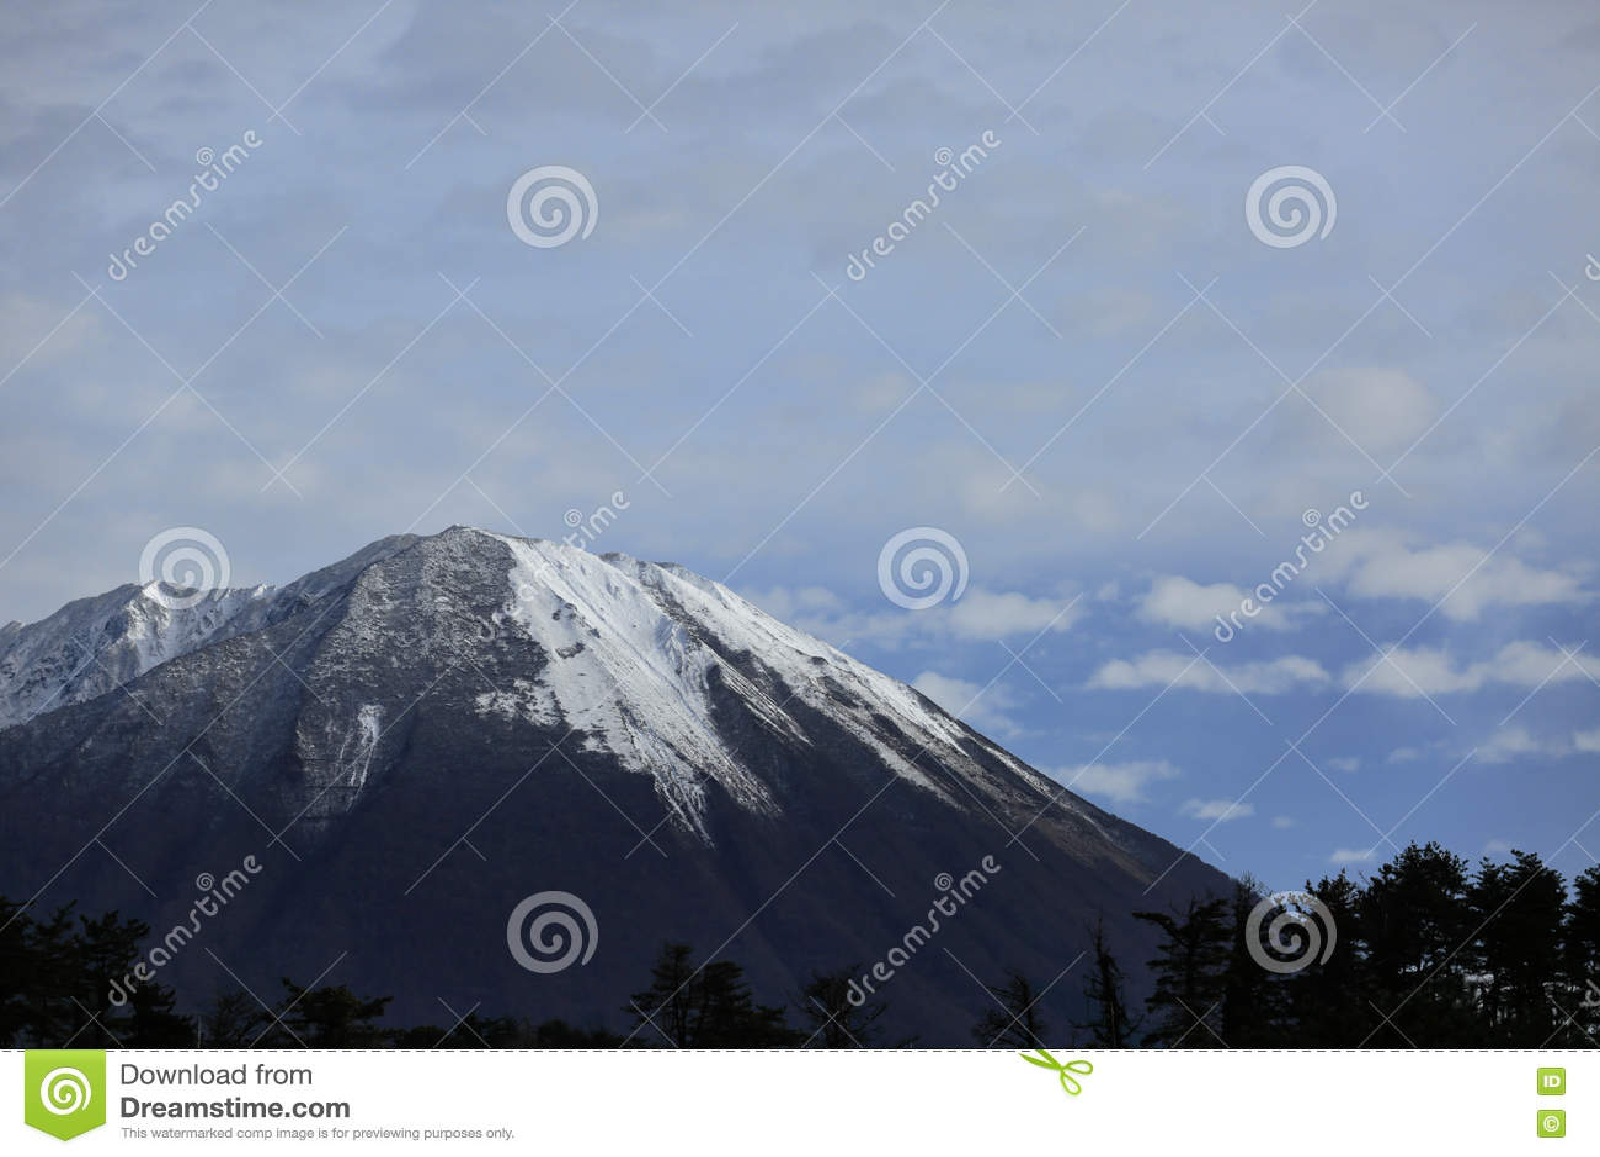 Montagne avec la neige